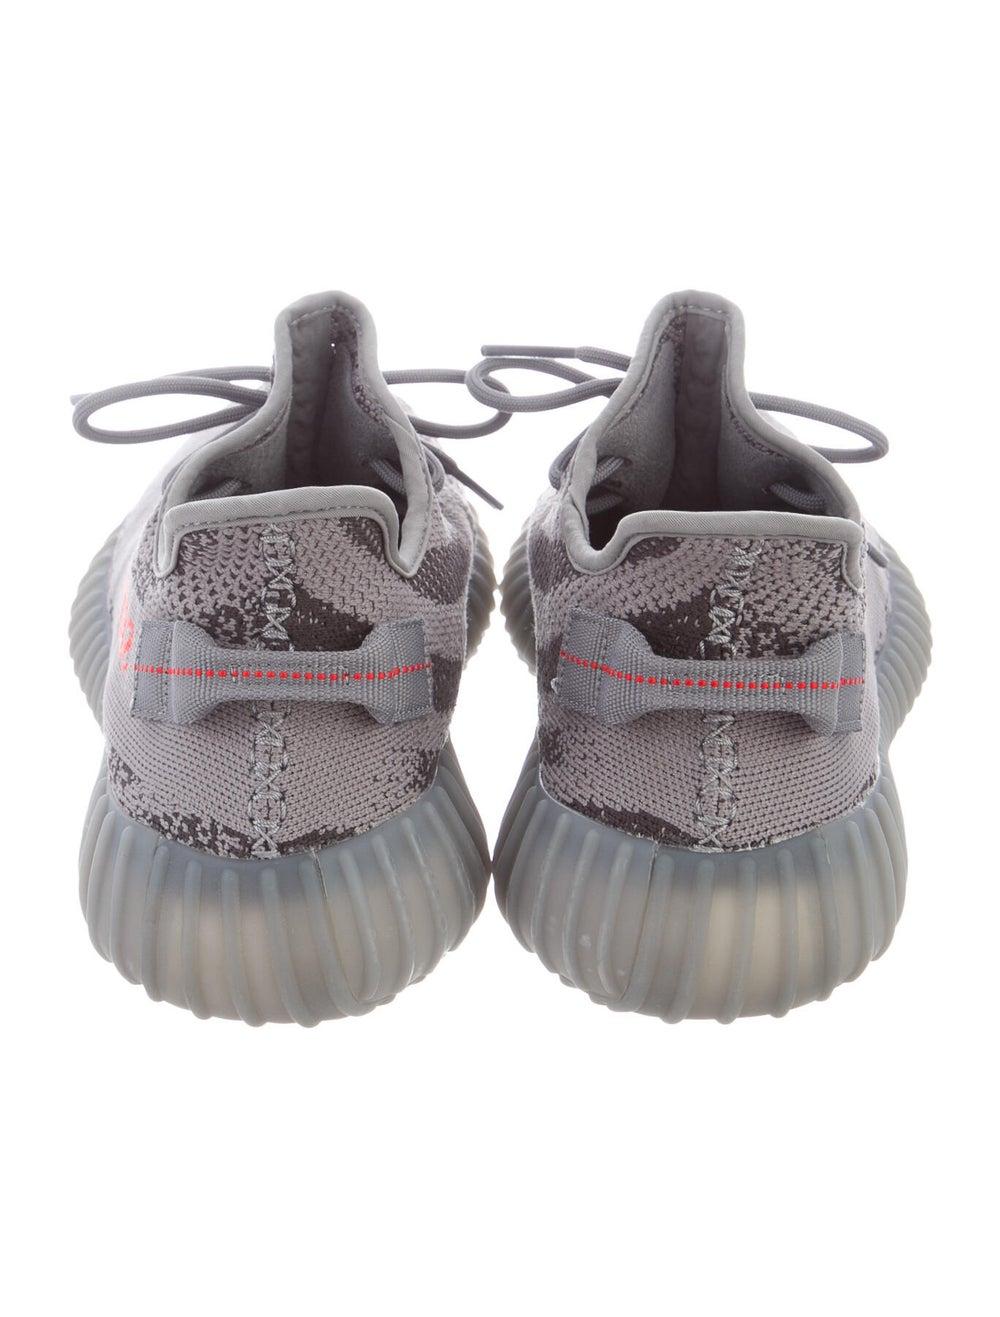 Yeezy Yeezy Boost 350 V2 Beluga 2.0 Sneakers Grey - image 4